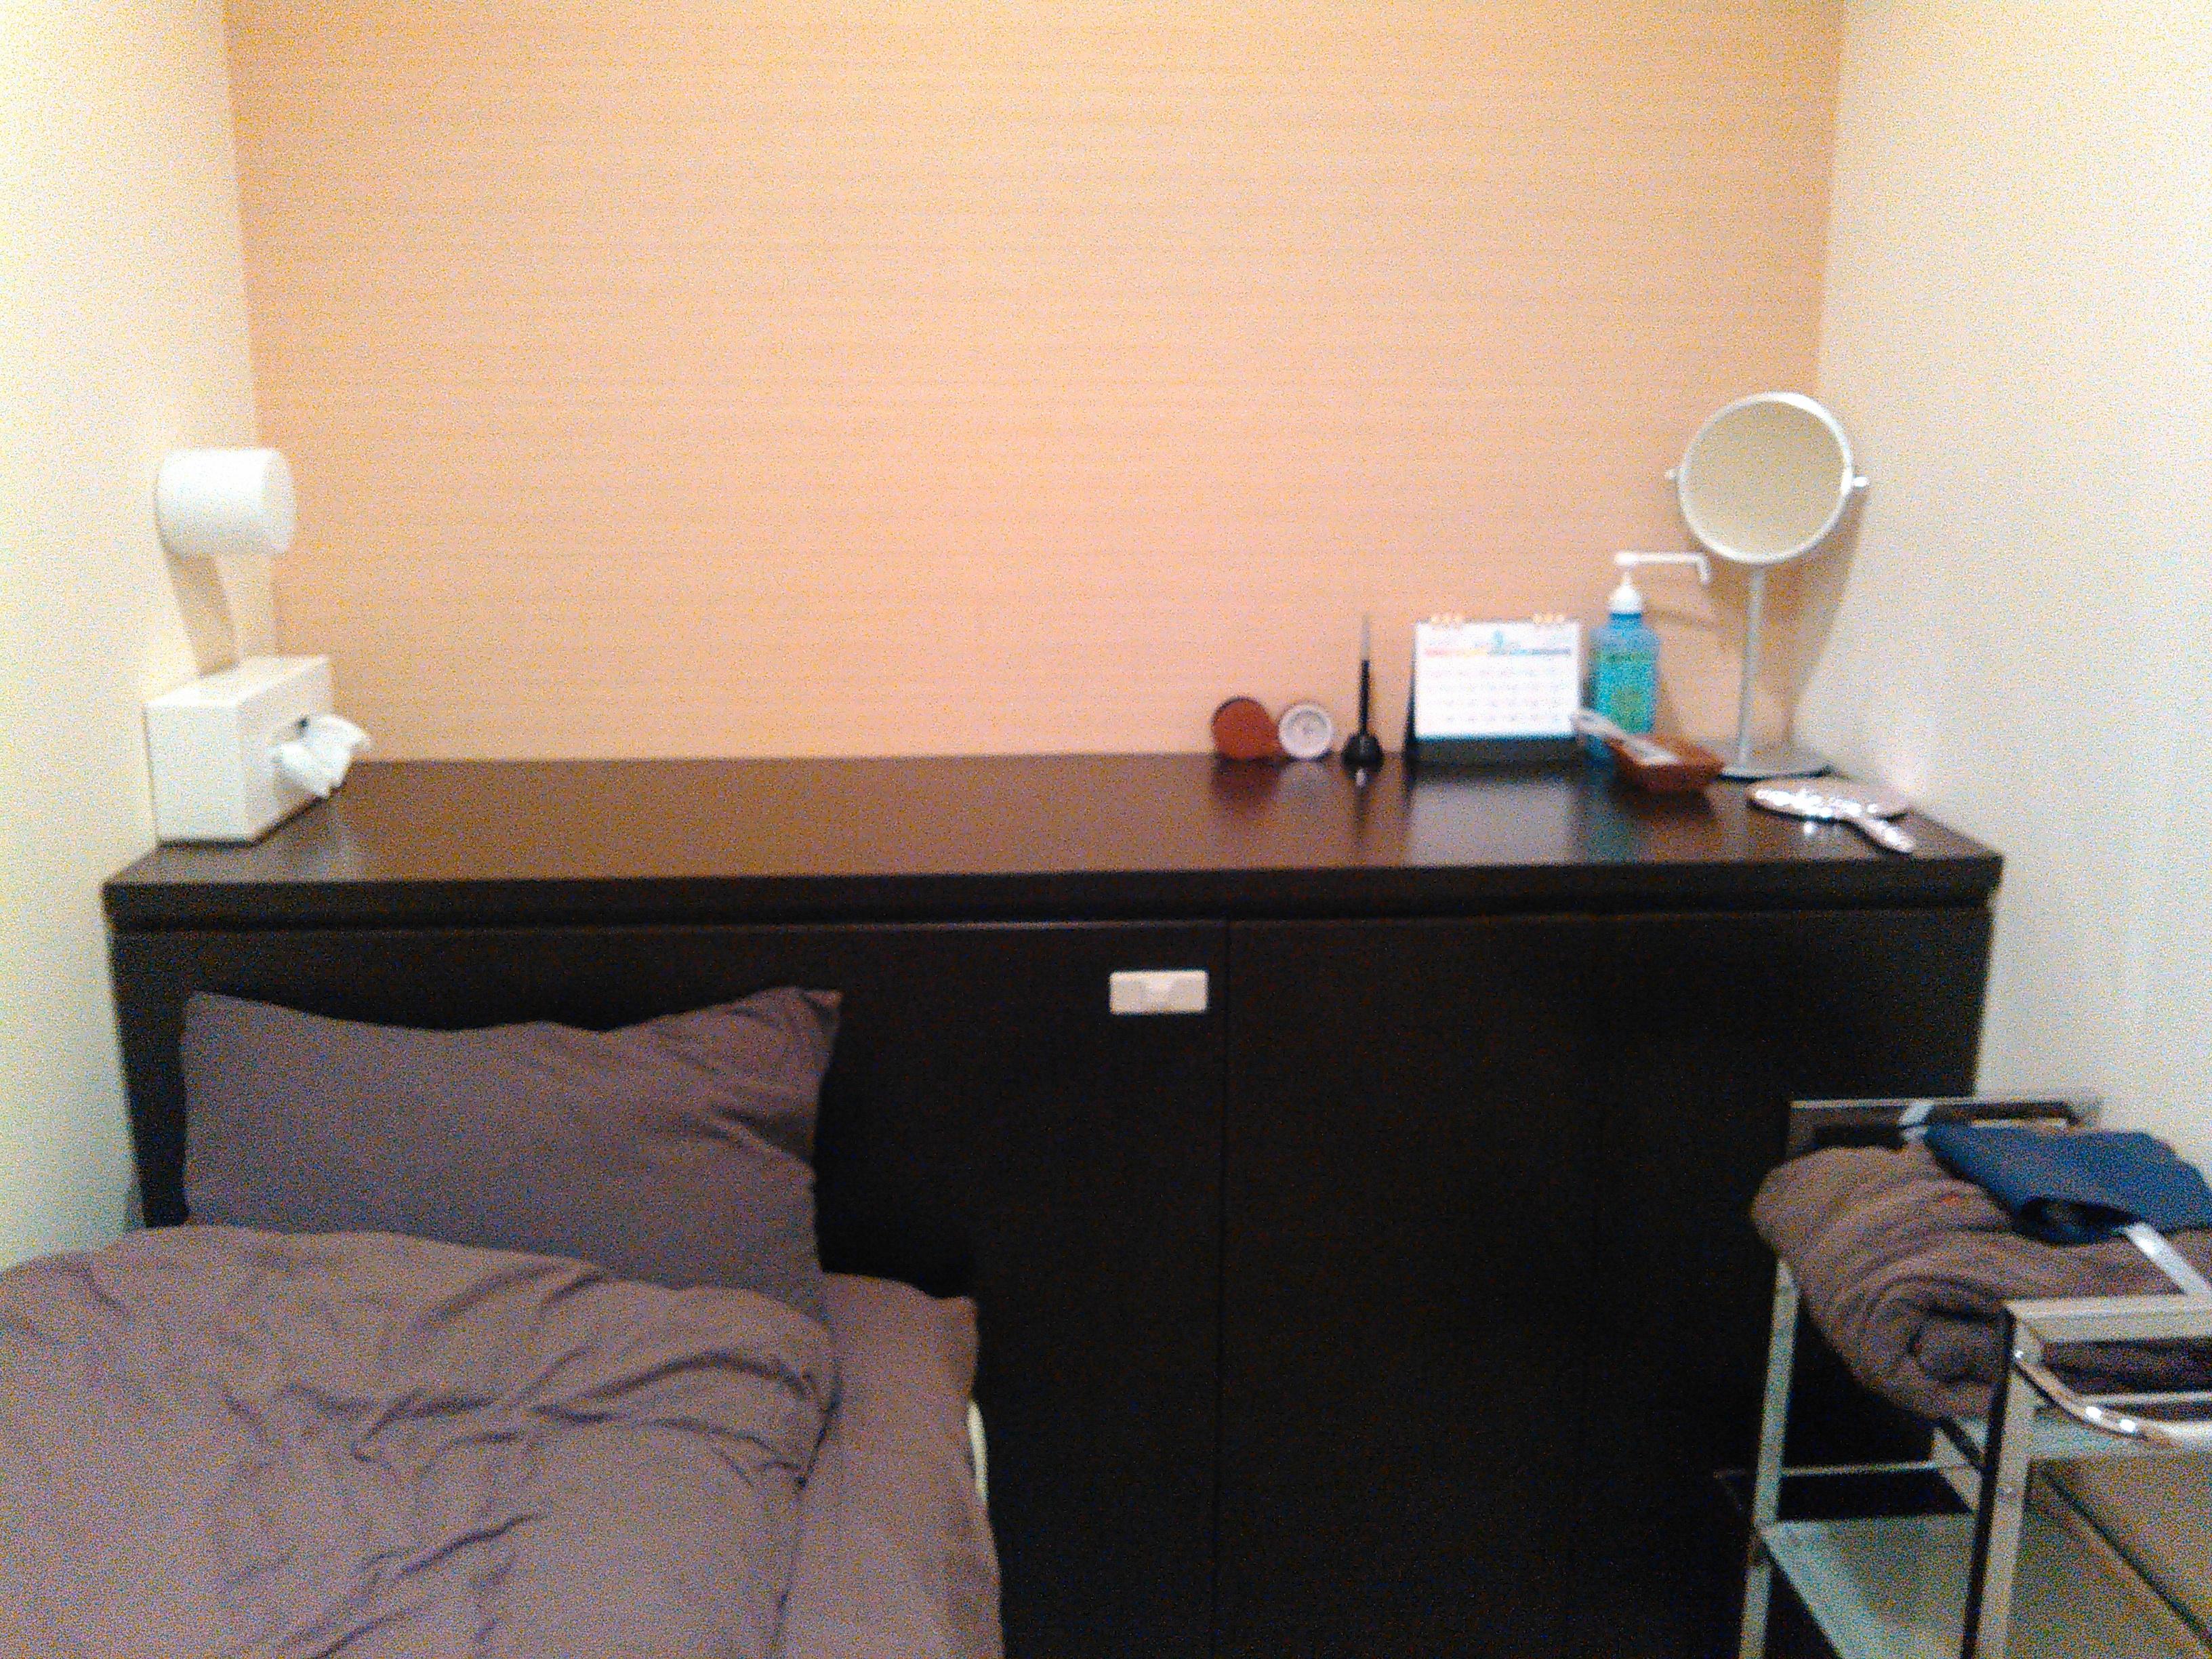 着替えと麻酔で寝てる部屋。清潔感があり、落ち着くお部屋です。